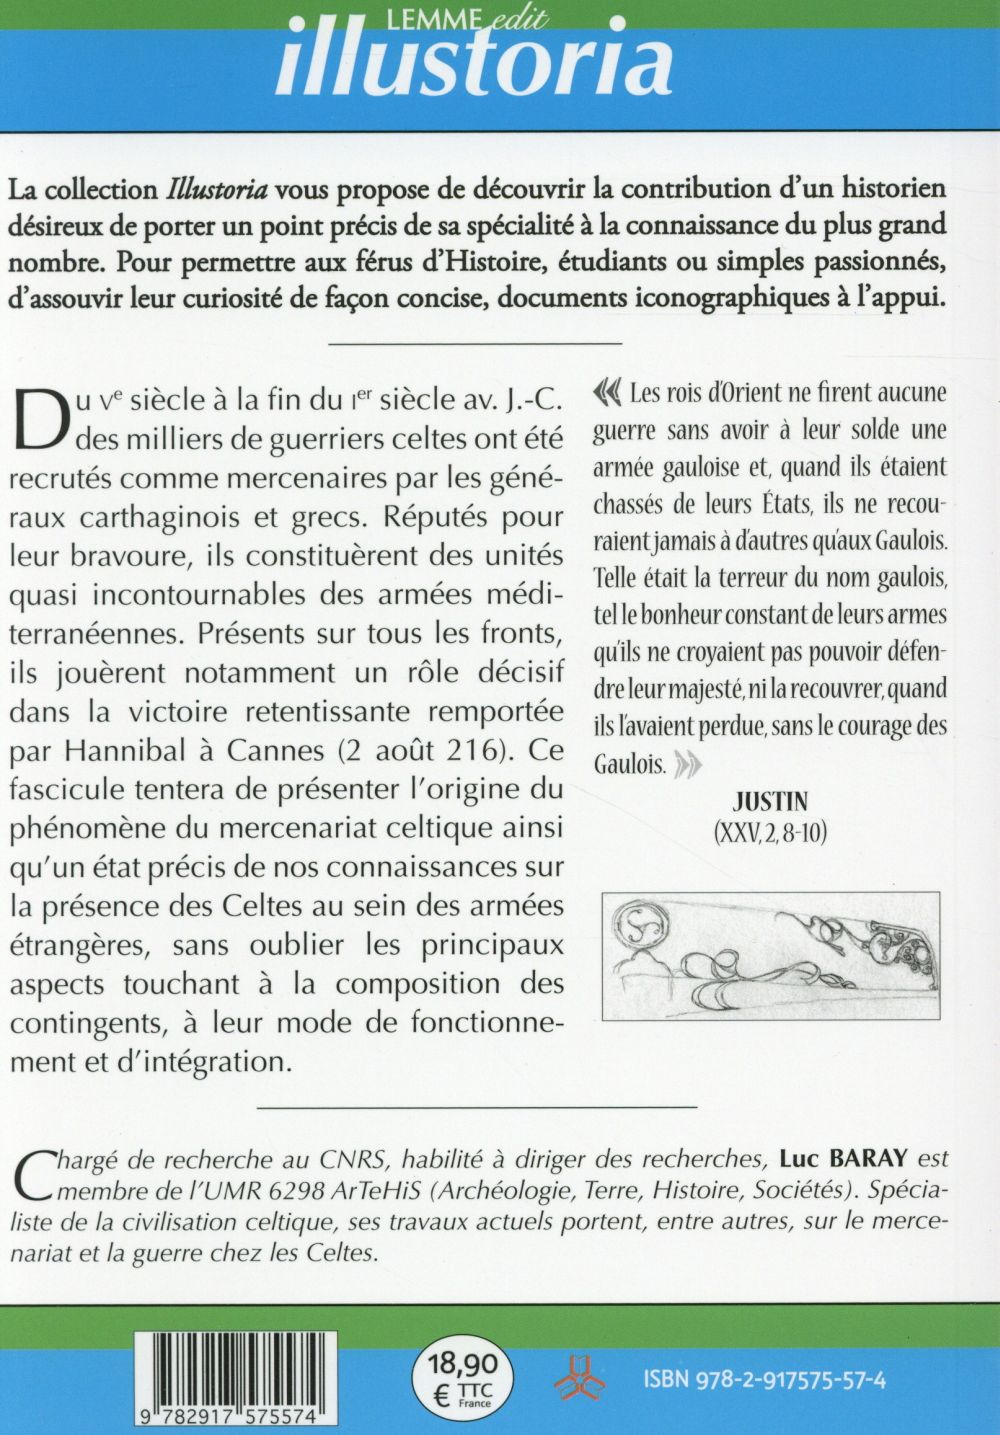 Les mercenaires celtes en Méditerranée ; 5e-1er siècles avant J.-C.